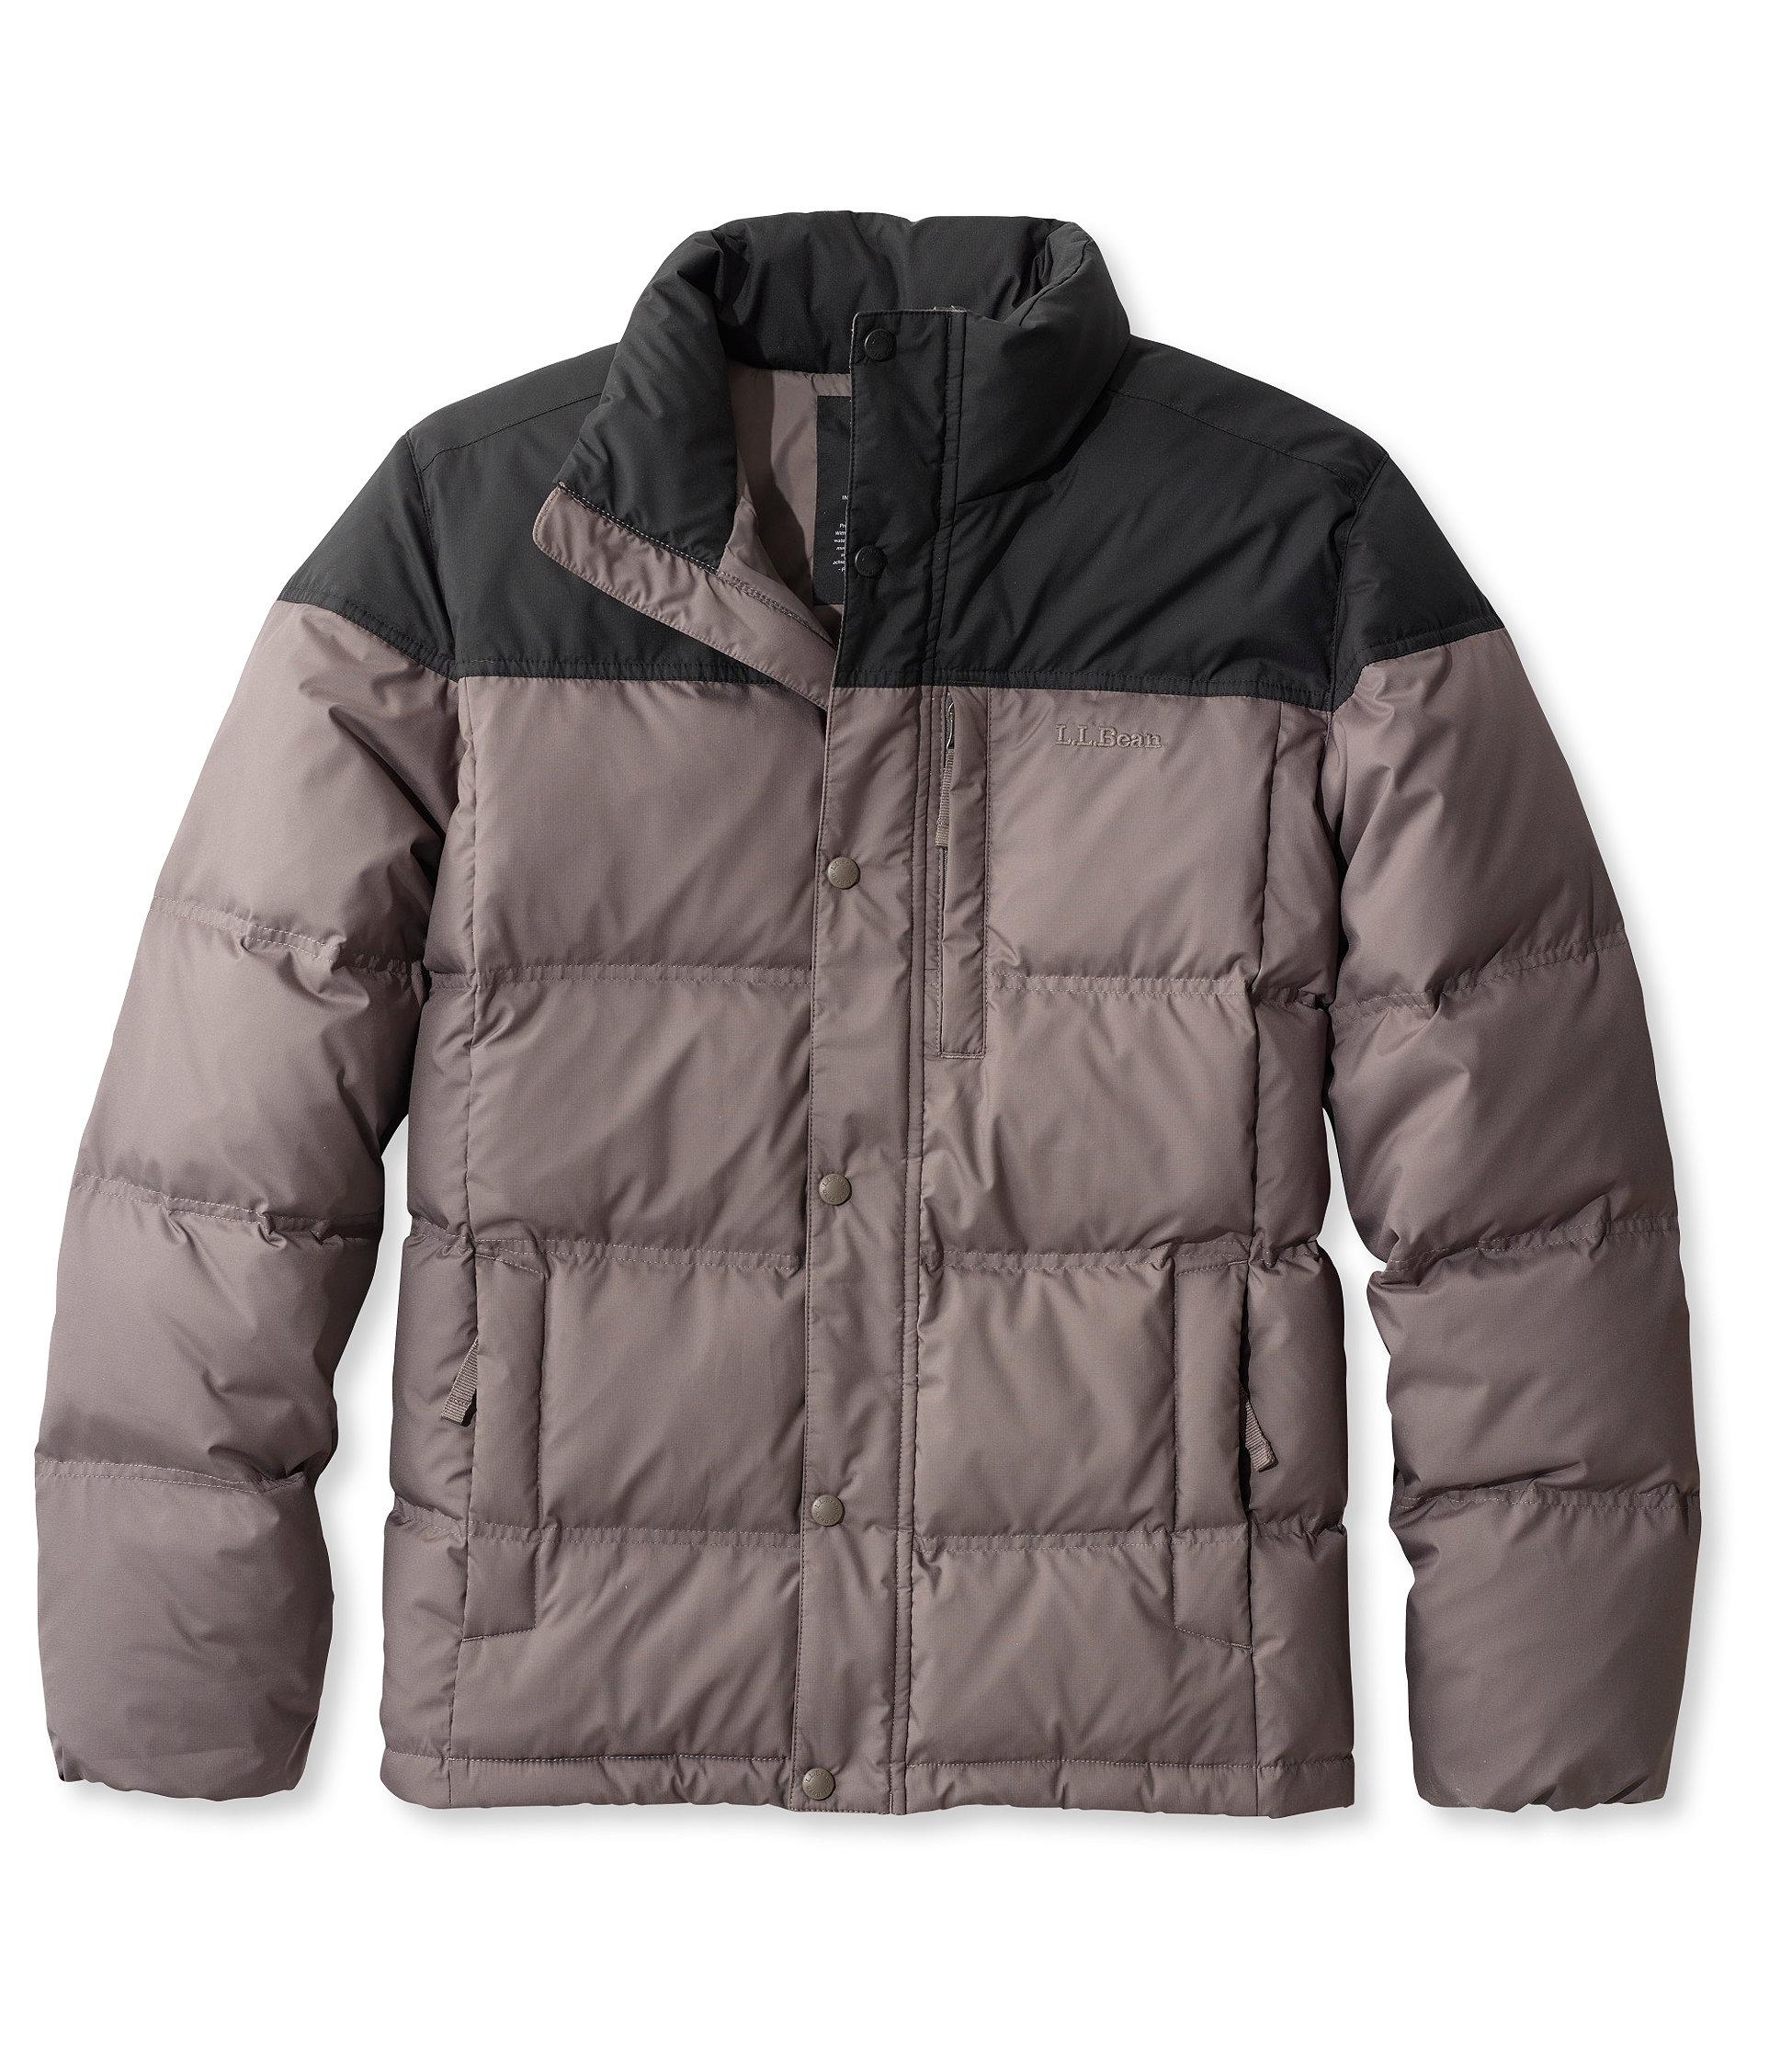 L.L.Bean Trail Model Down Jacket